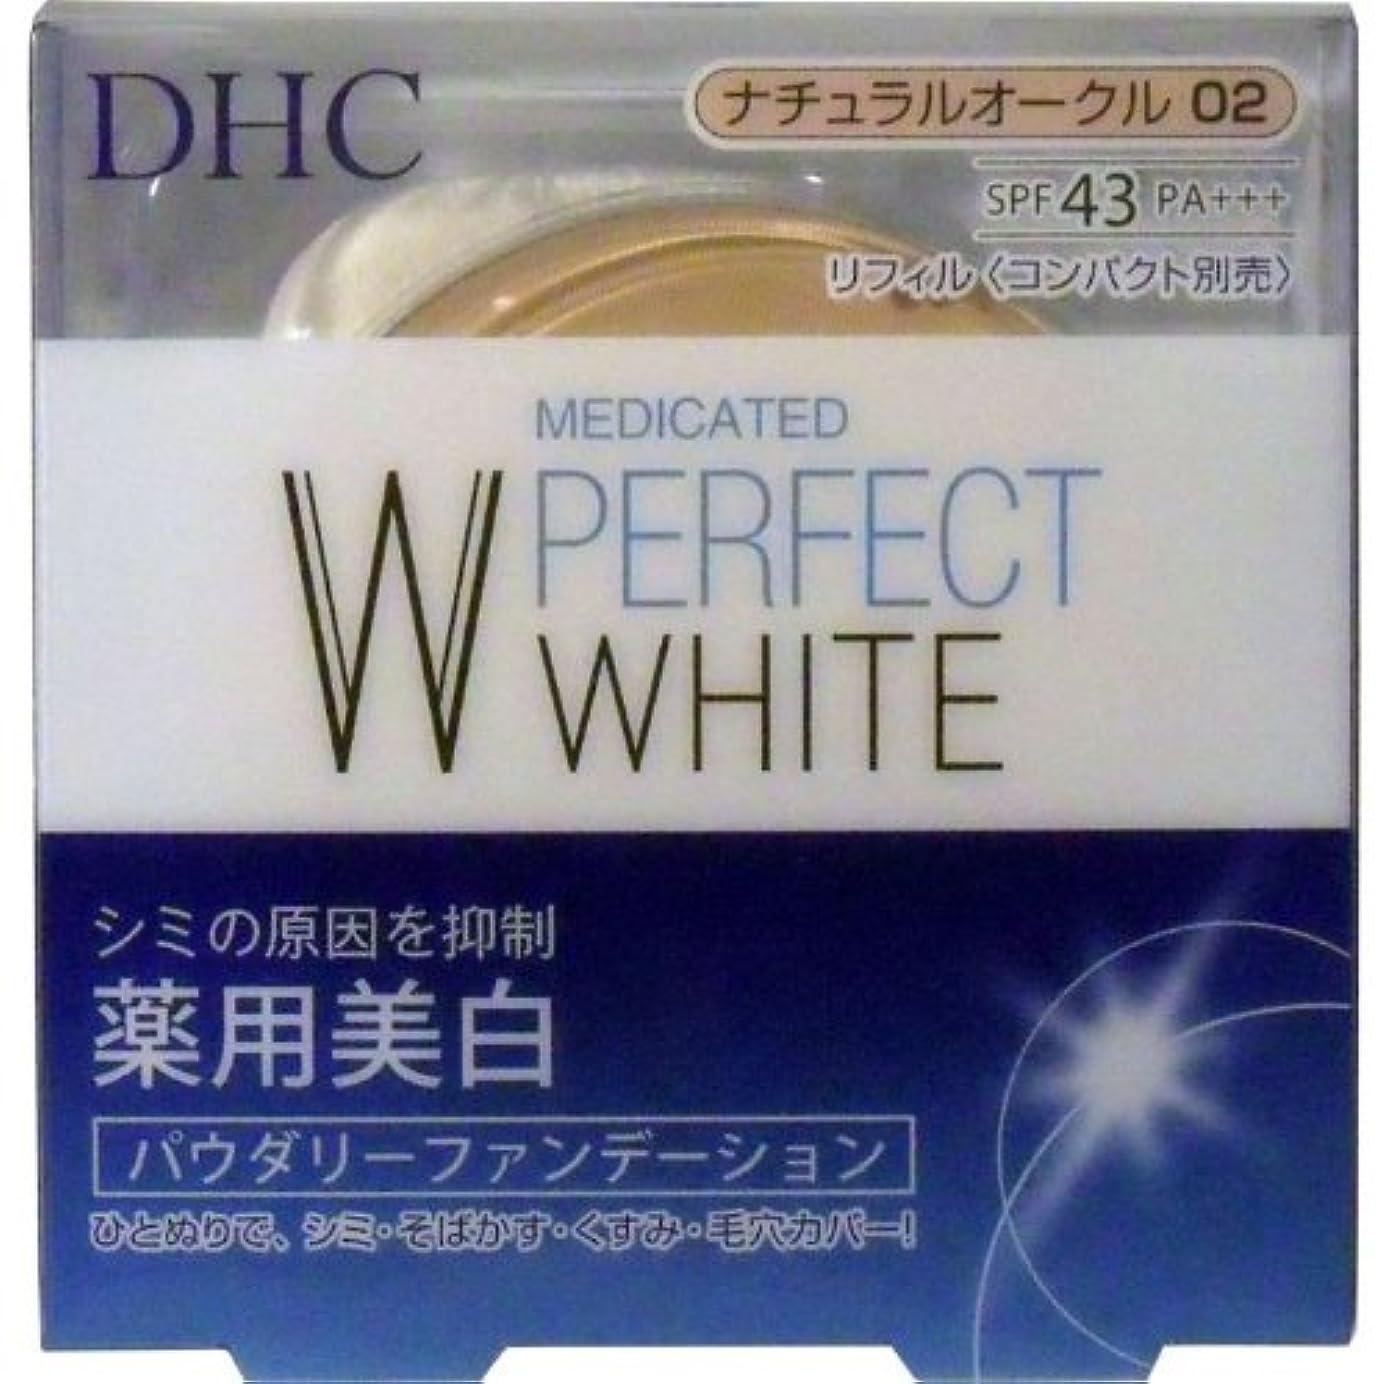 コインランドリー検体まぶしさつけたての美しい透明感がずっと持続!DHC 薬用美白パーフェクトホワイト パウダリーファンデーション ナチュラルオークル02 10g